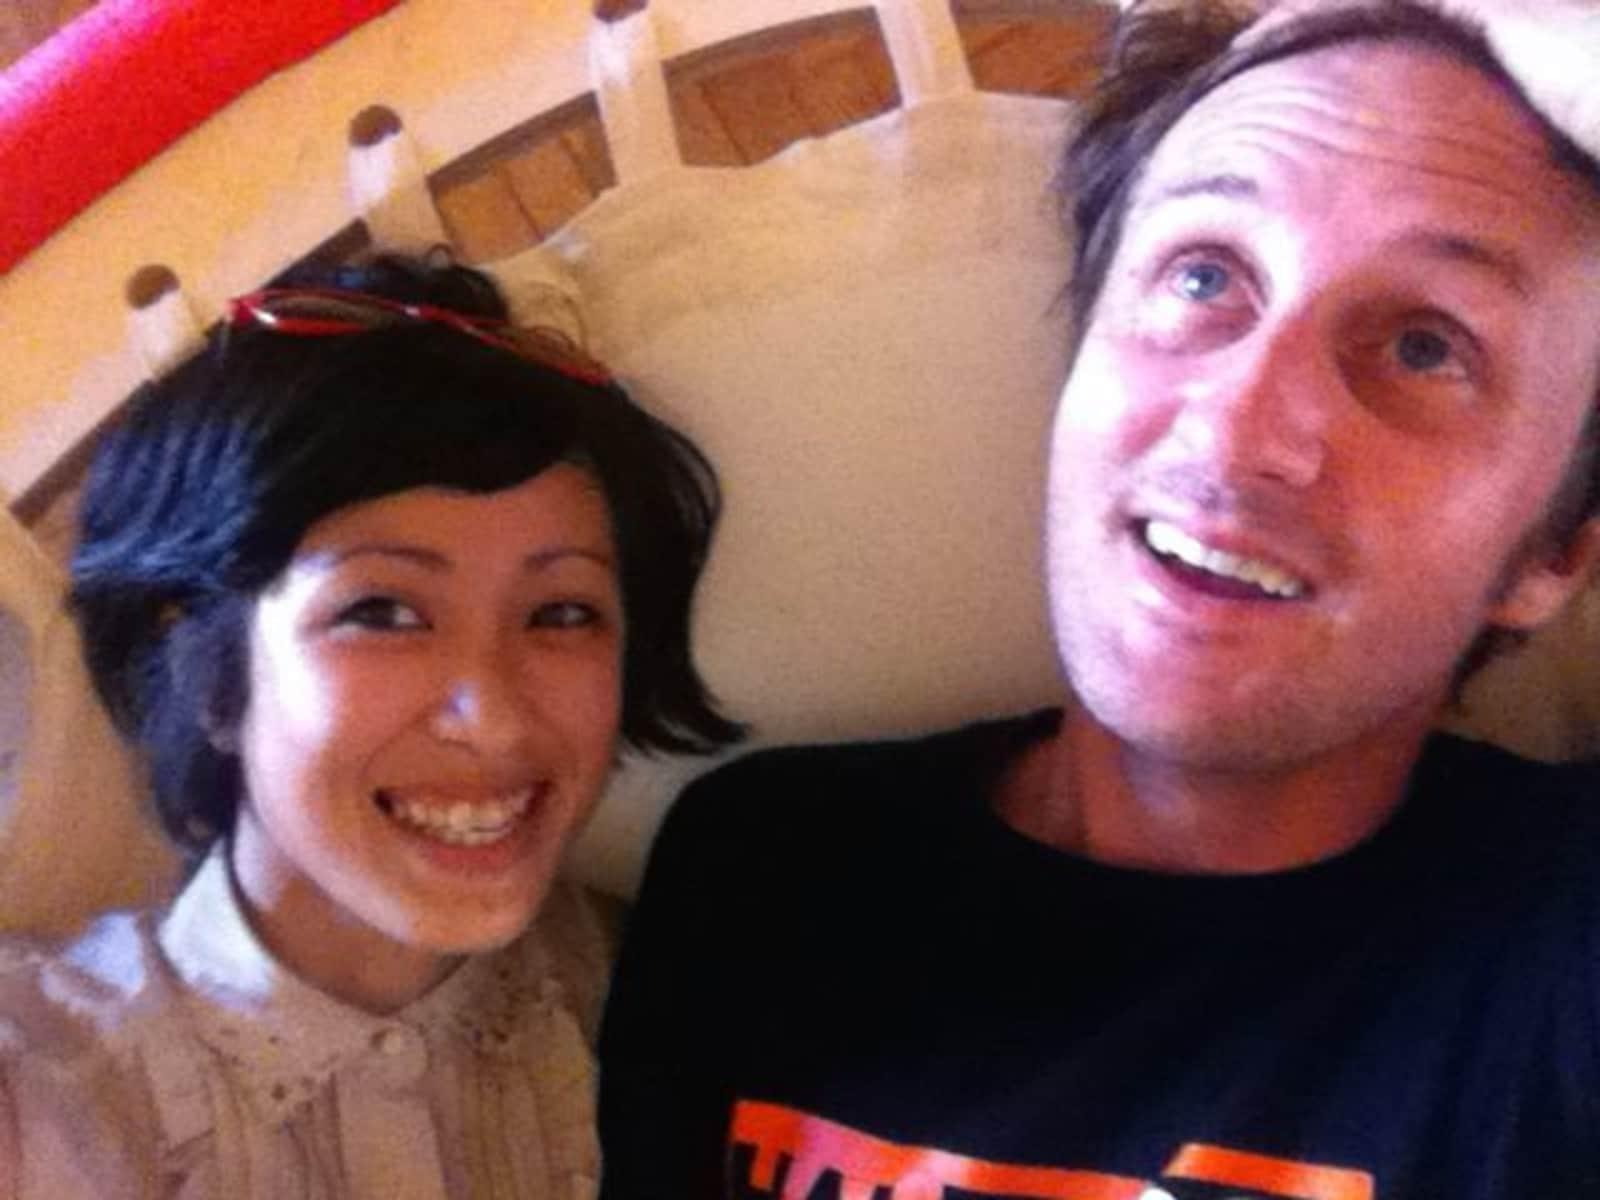 Jenni & John from Rome, Italy